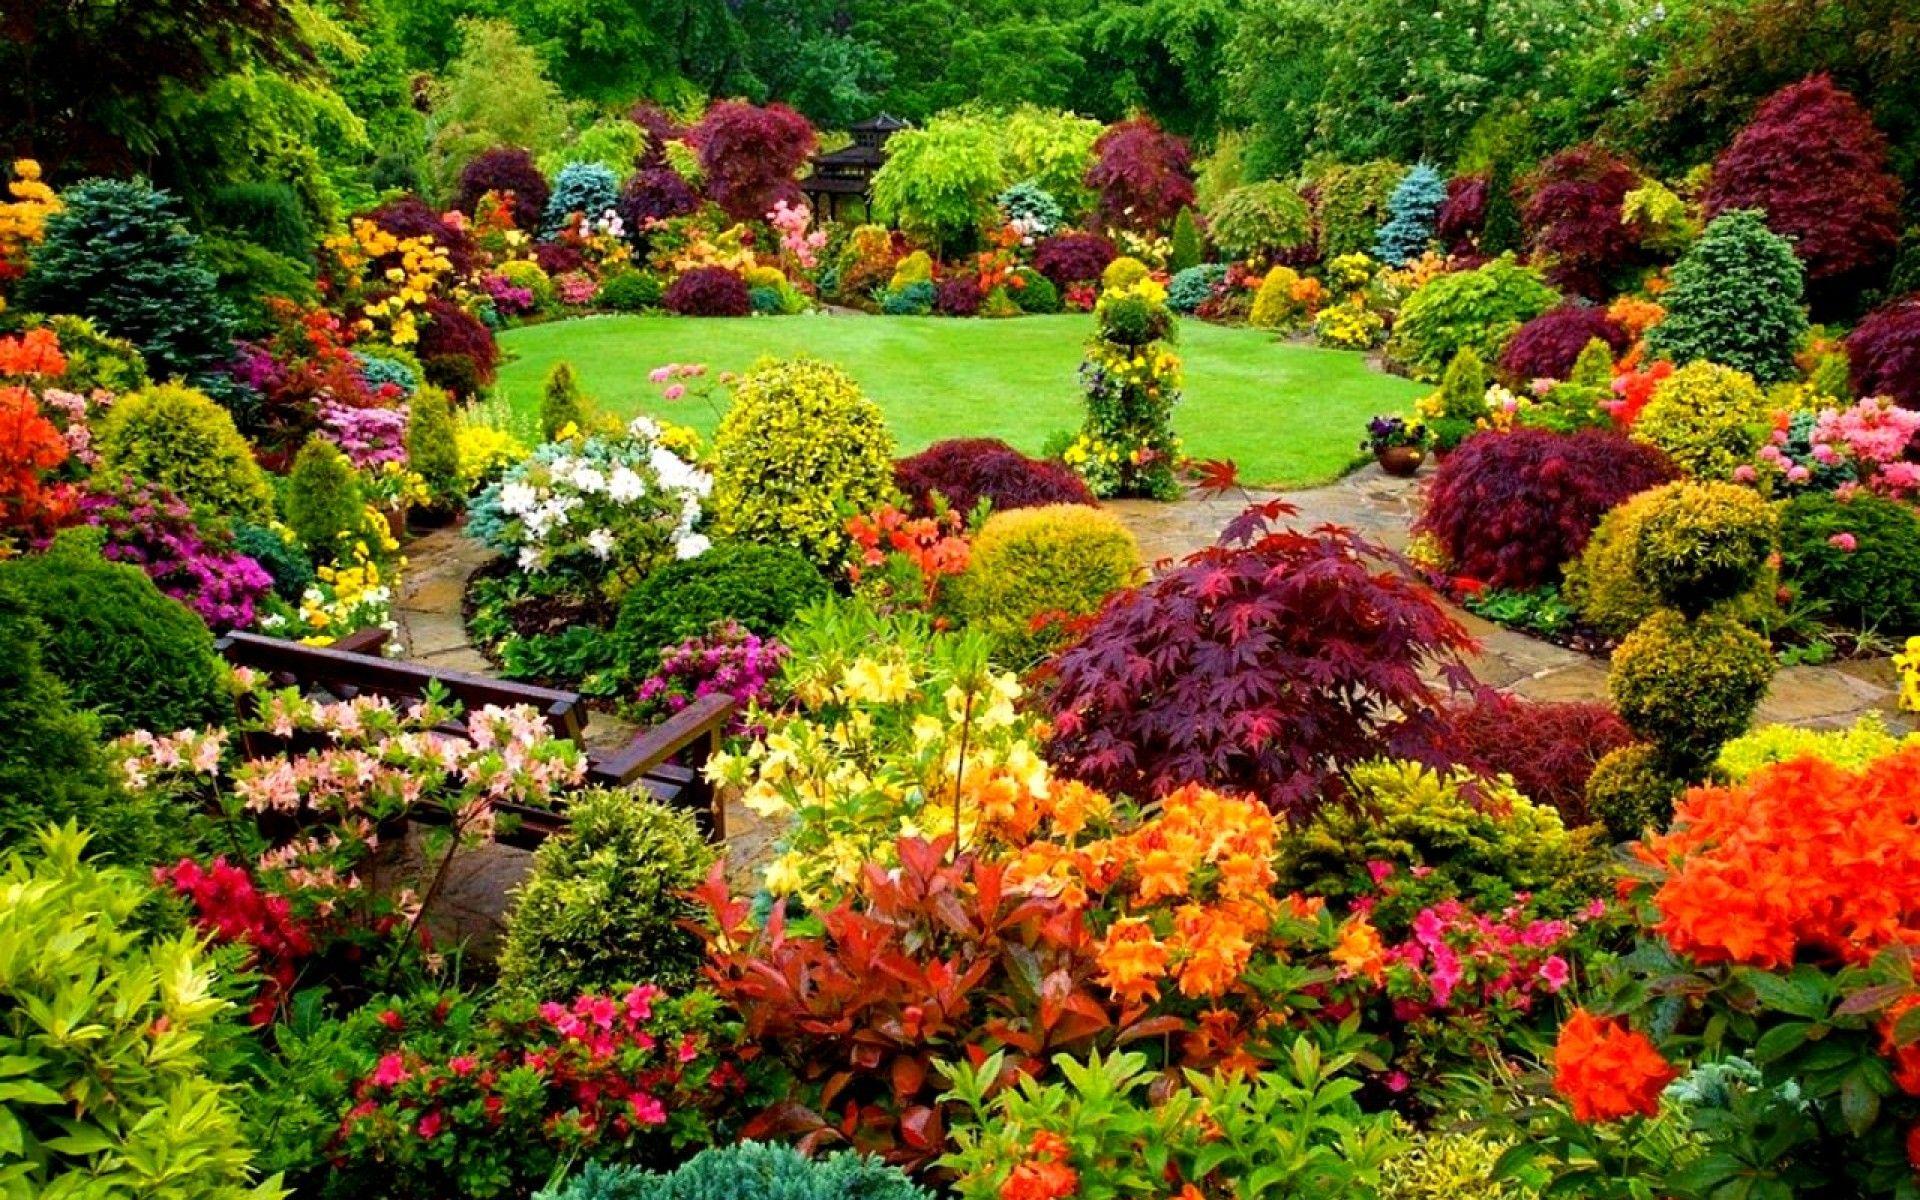 httpss media cache ak0pinimgcomoriginals29 - Garden Flowers